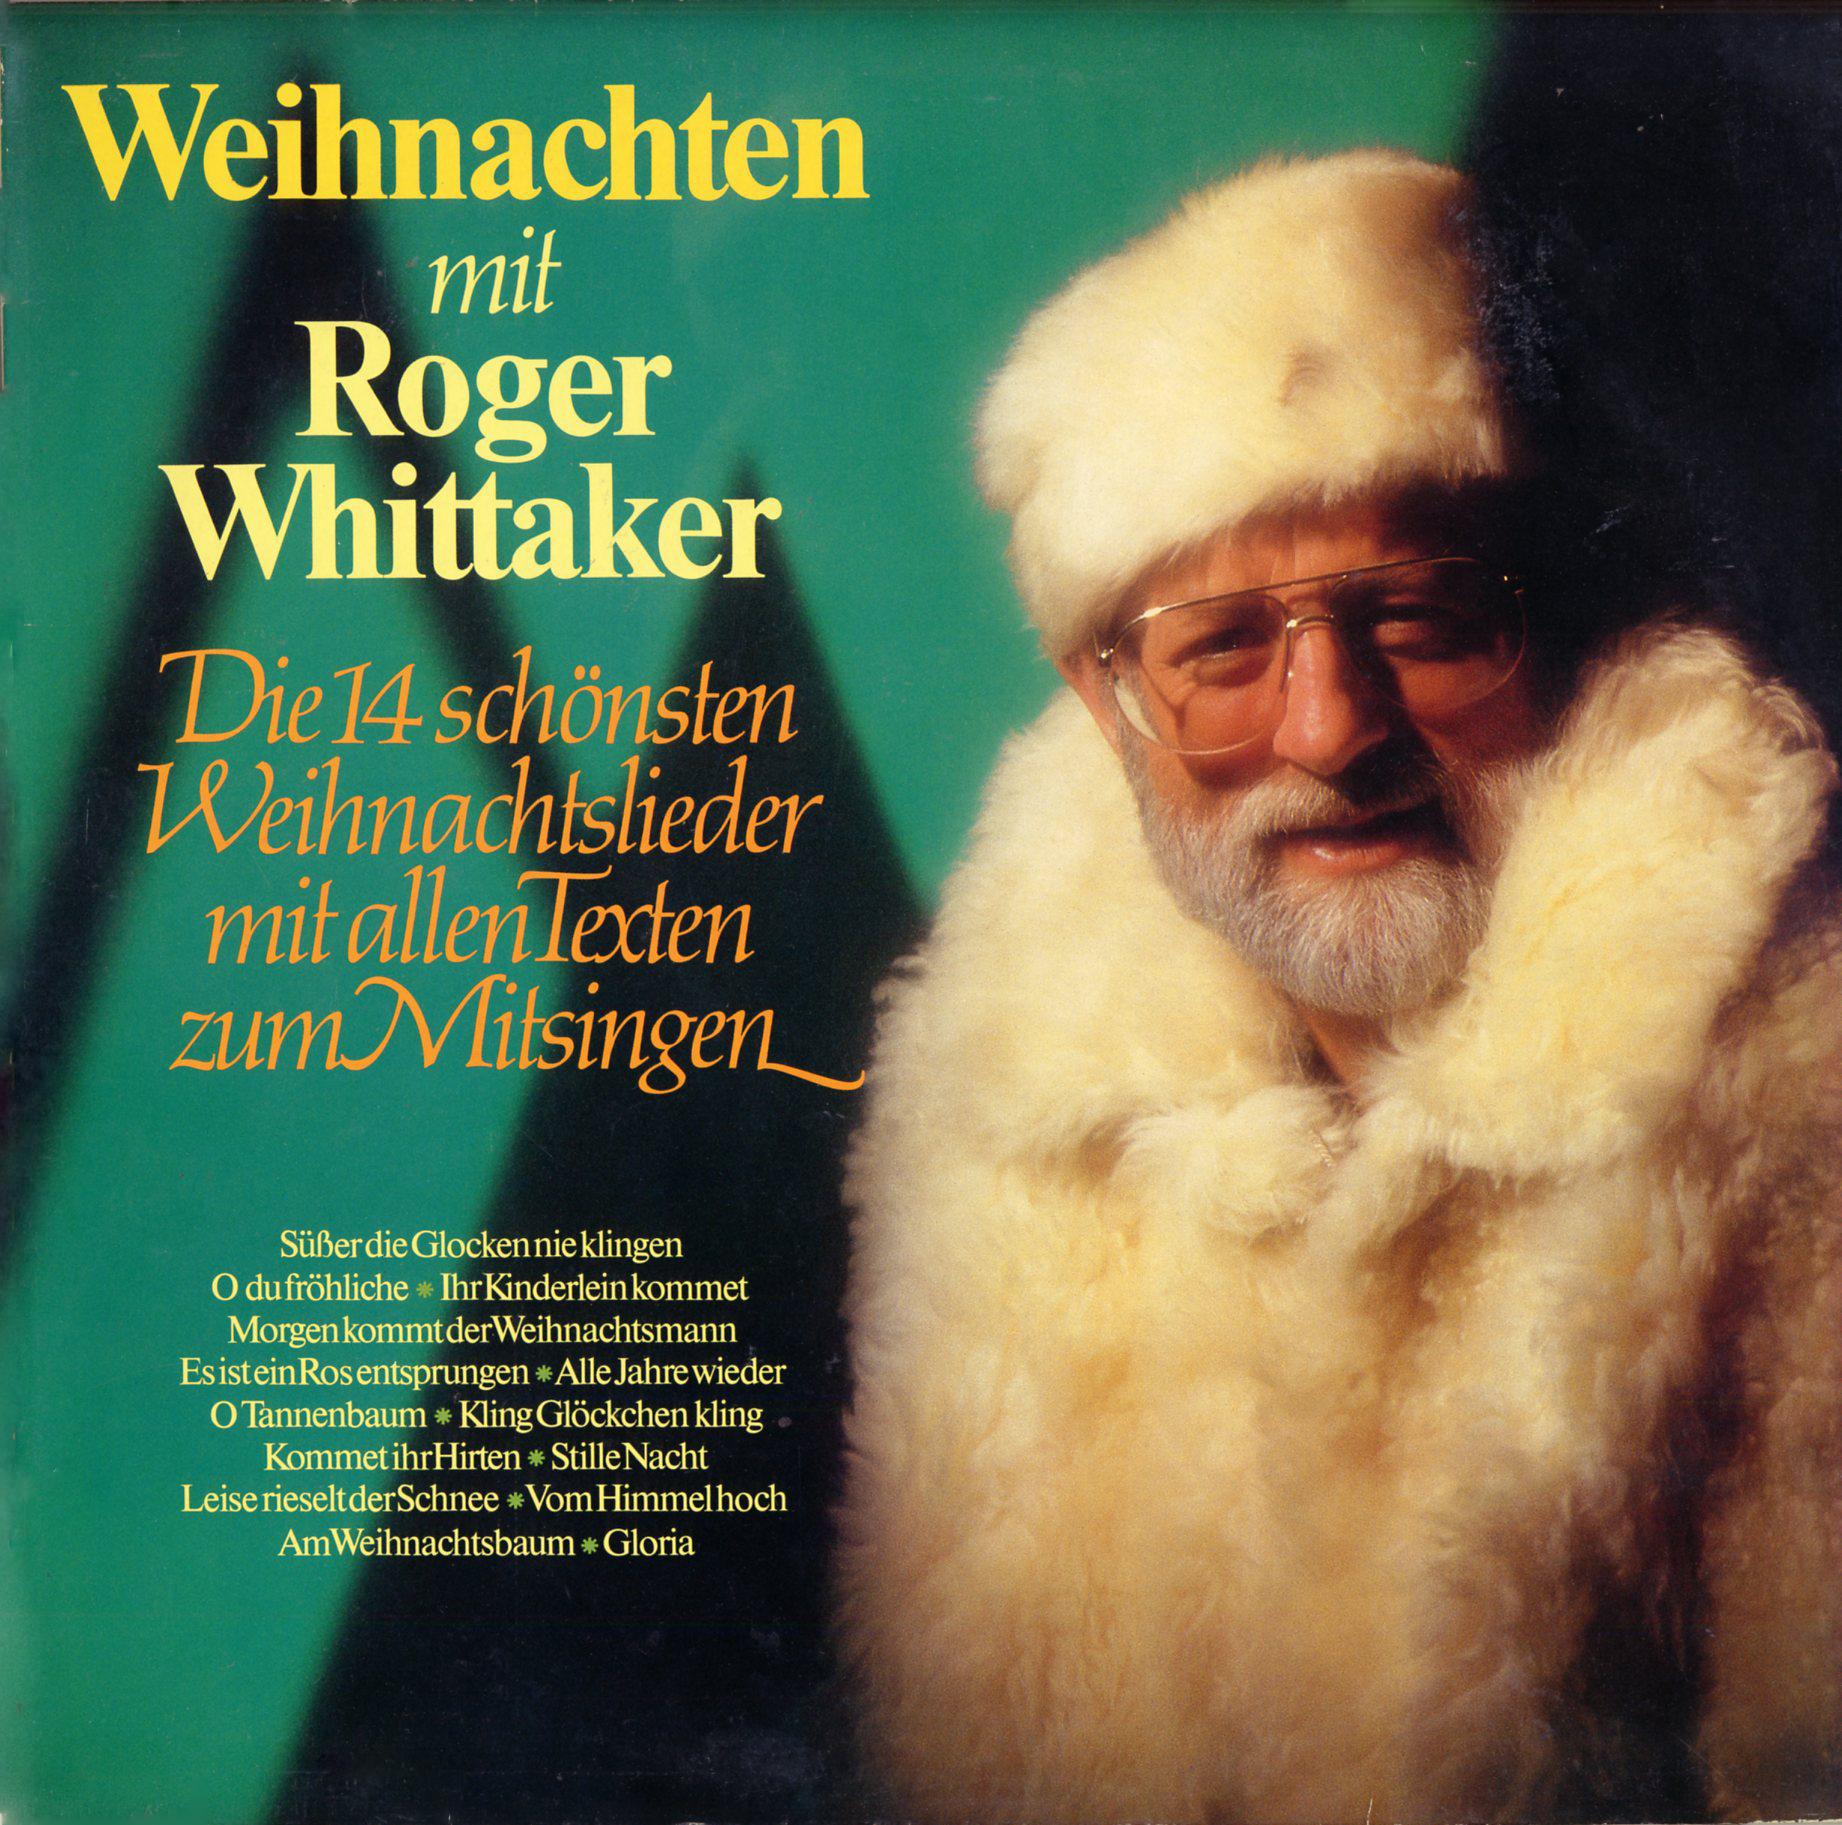 Whittaker, Roger. Weihnachten mit. Avon Records. (Int161553 ...